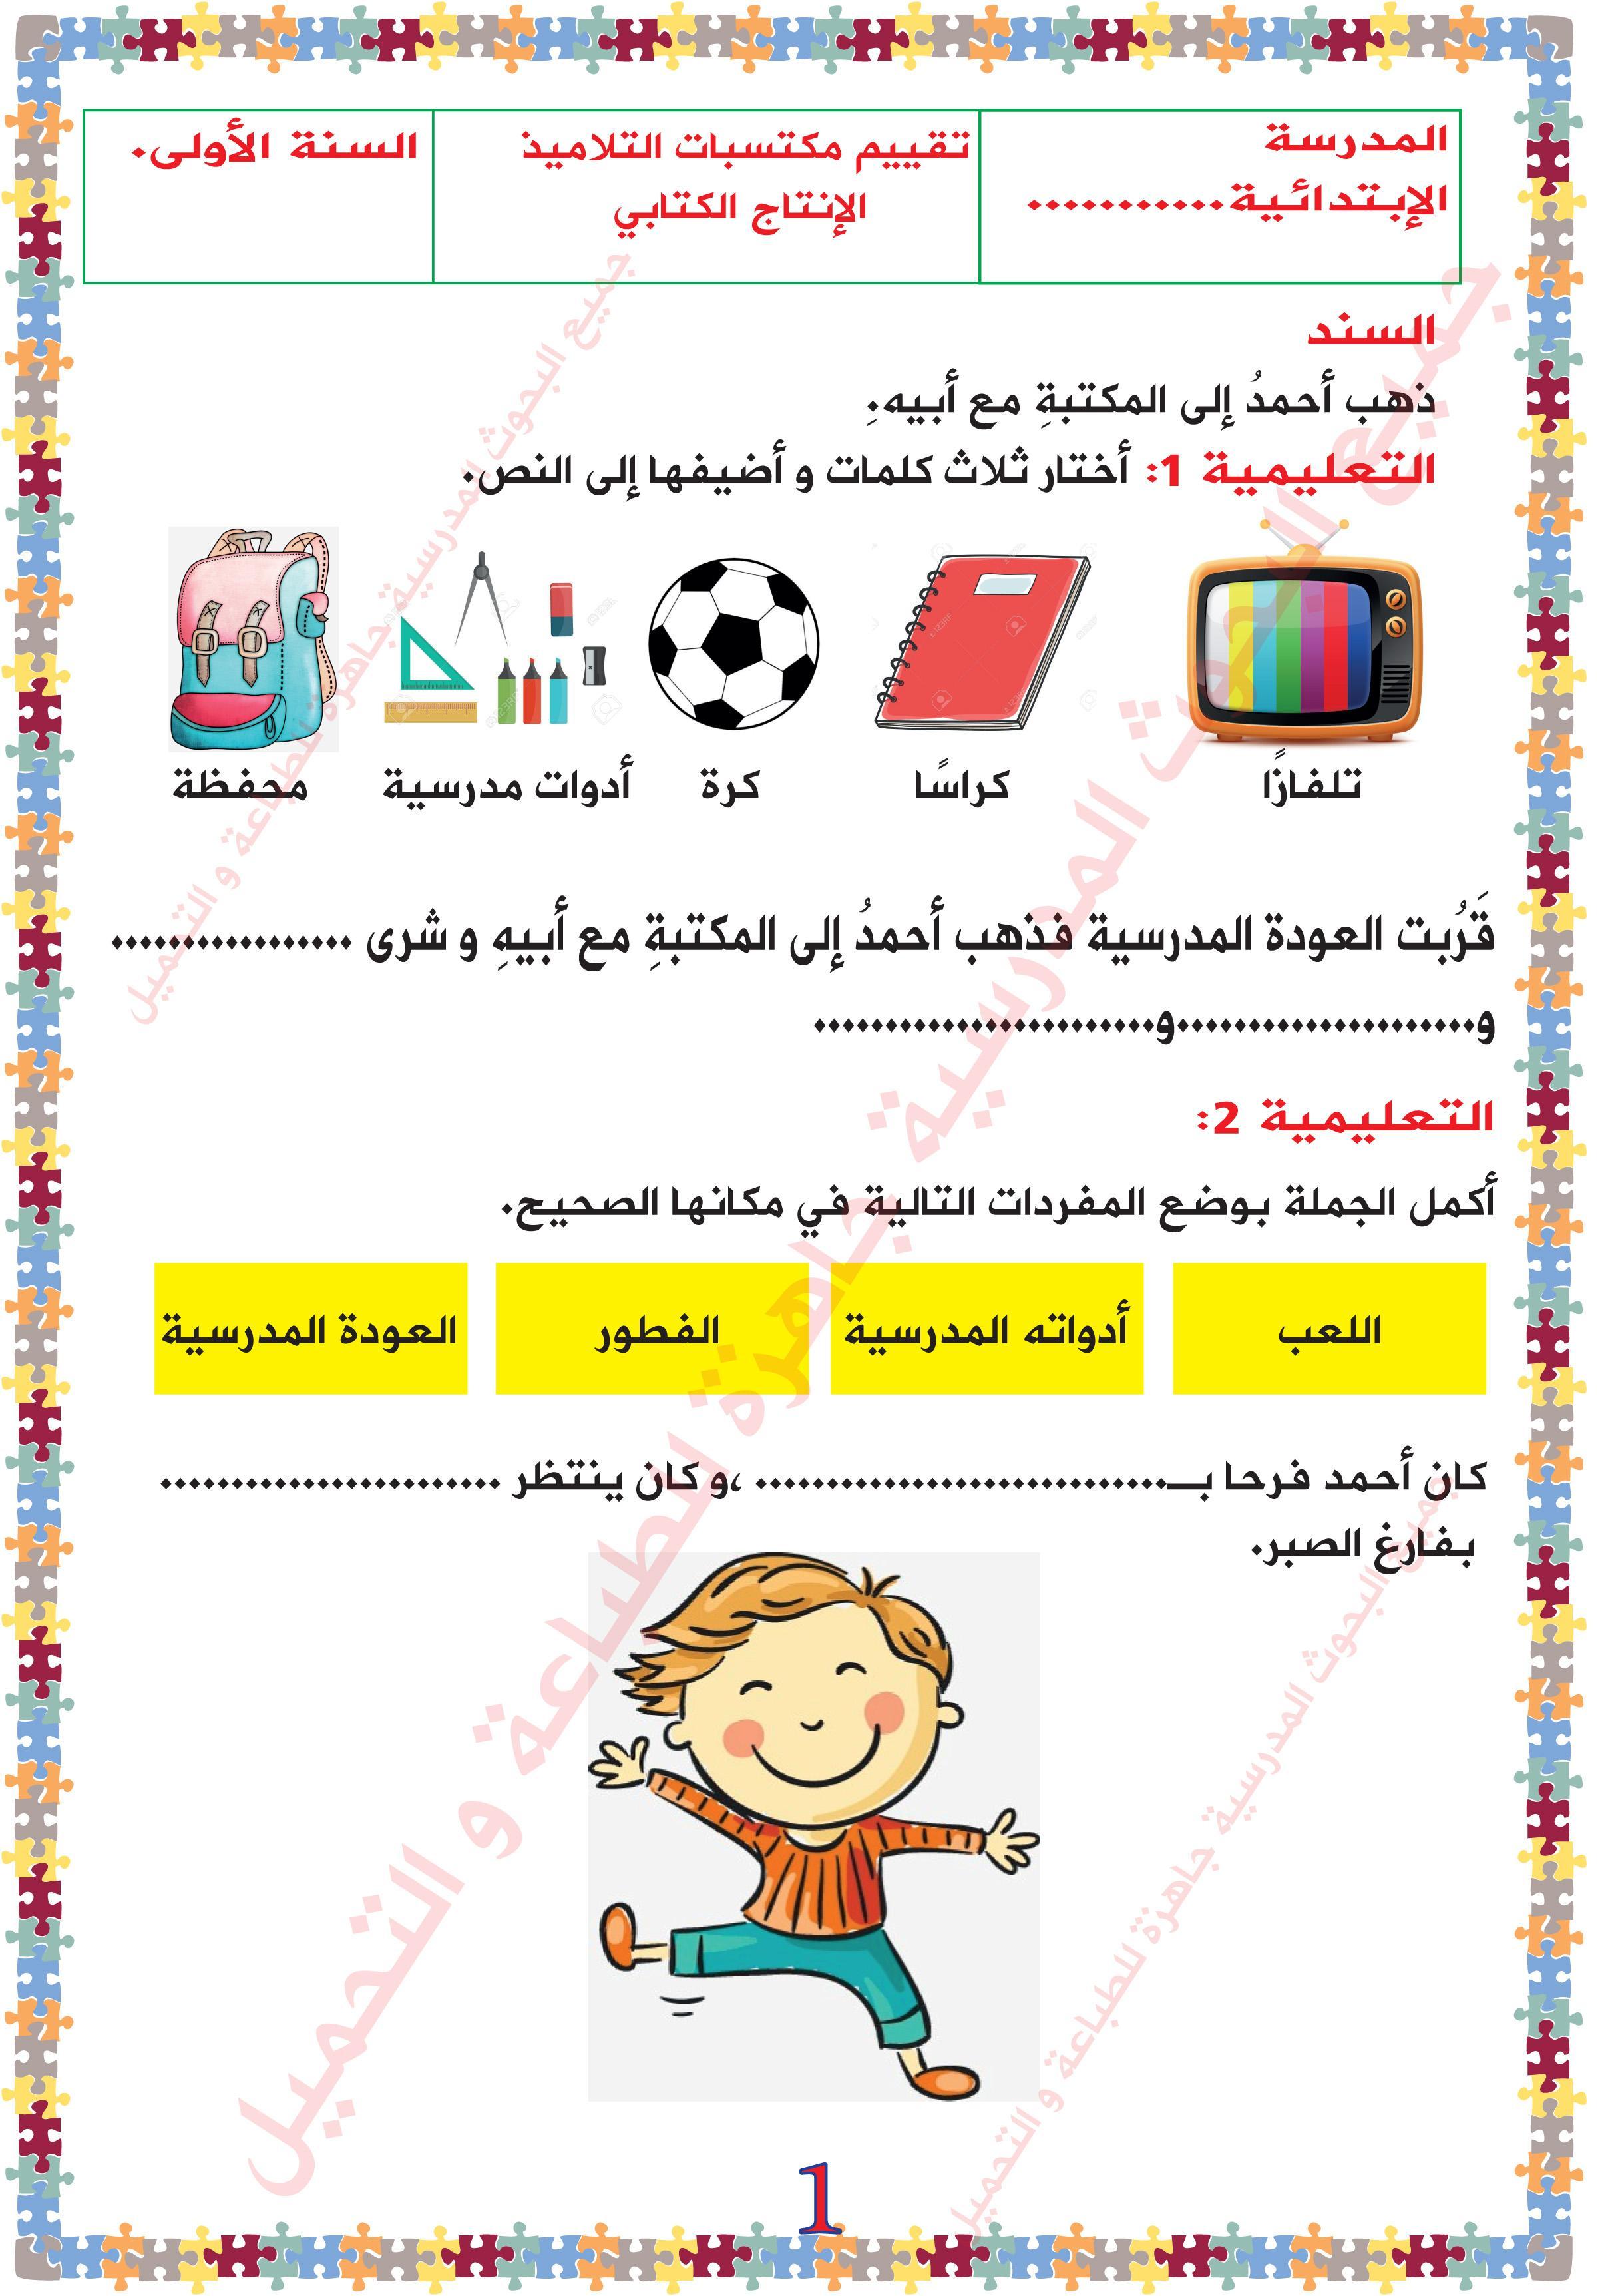 (3)تقييم مكتسبات التلاميذ في الإنتاج الكتابي